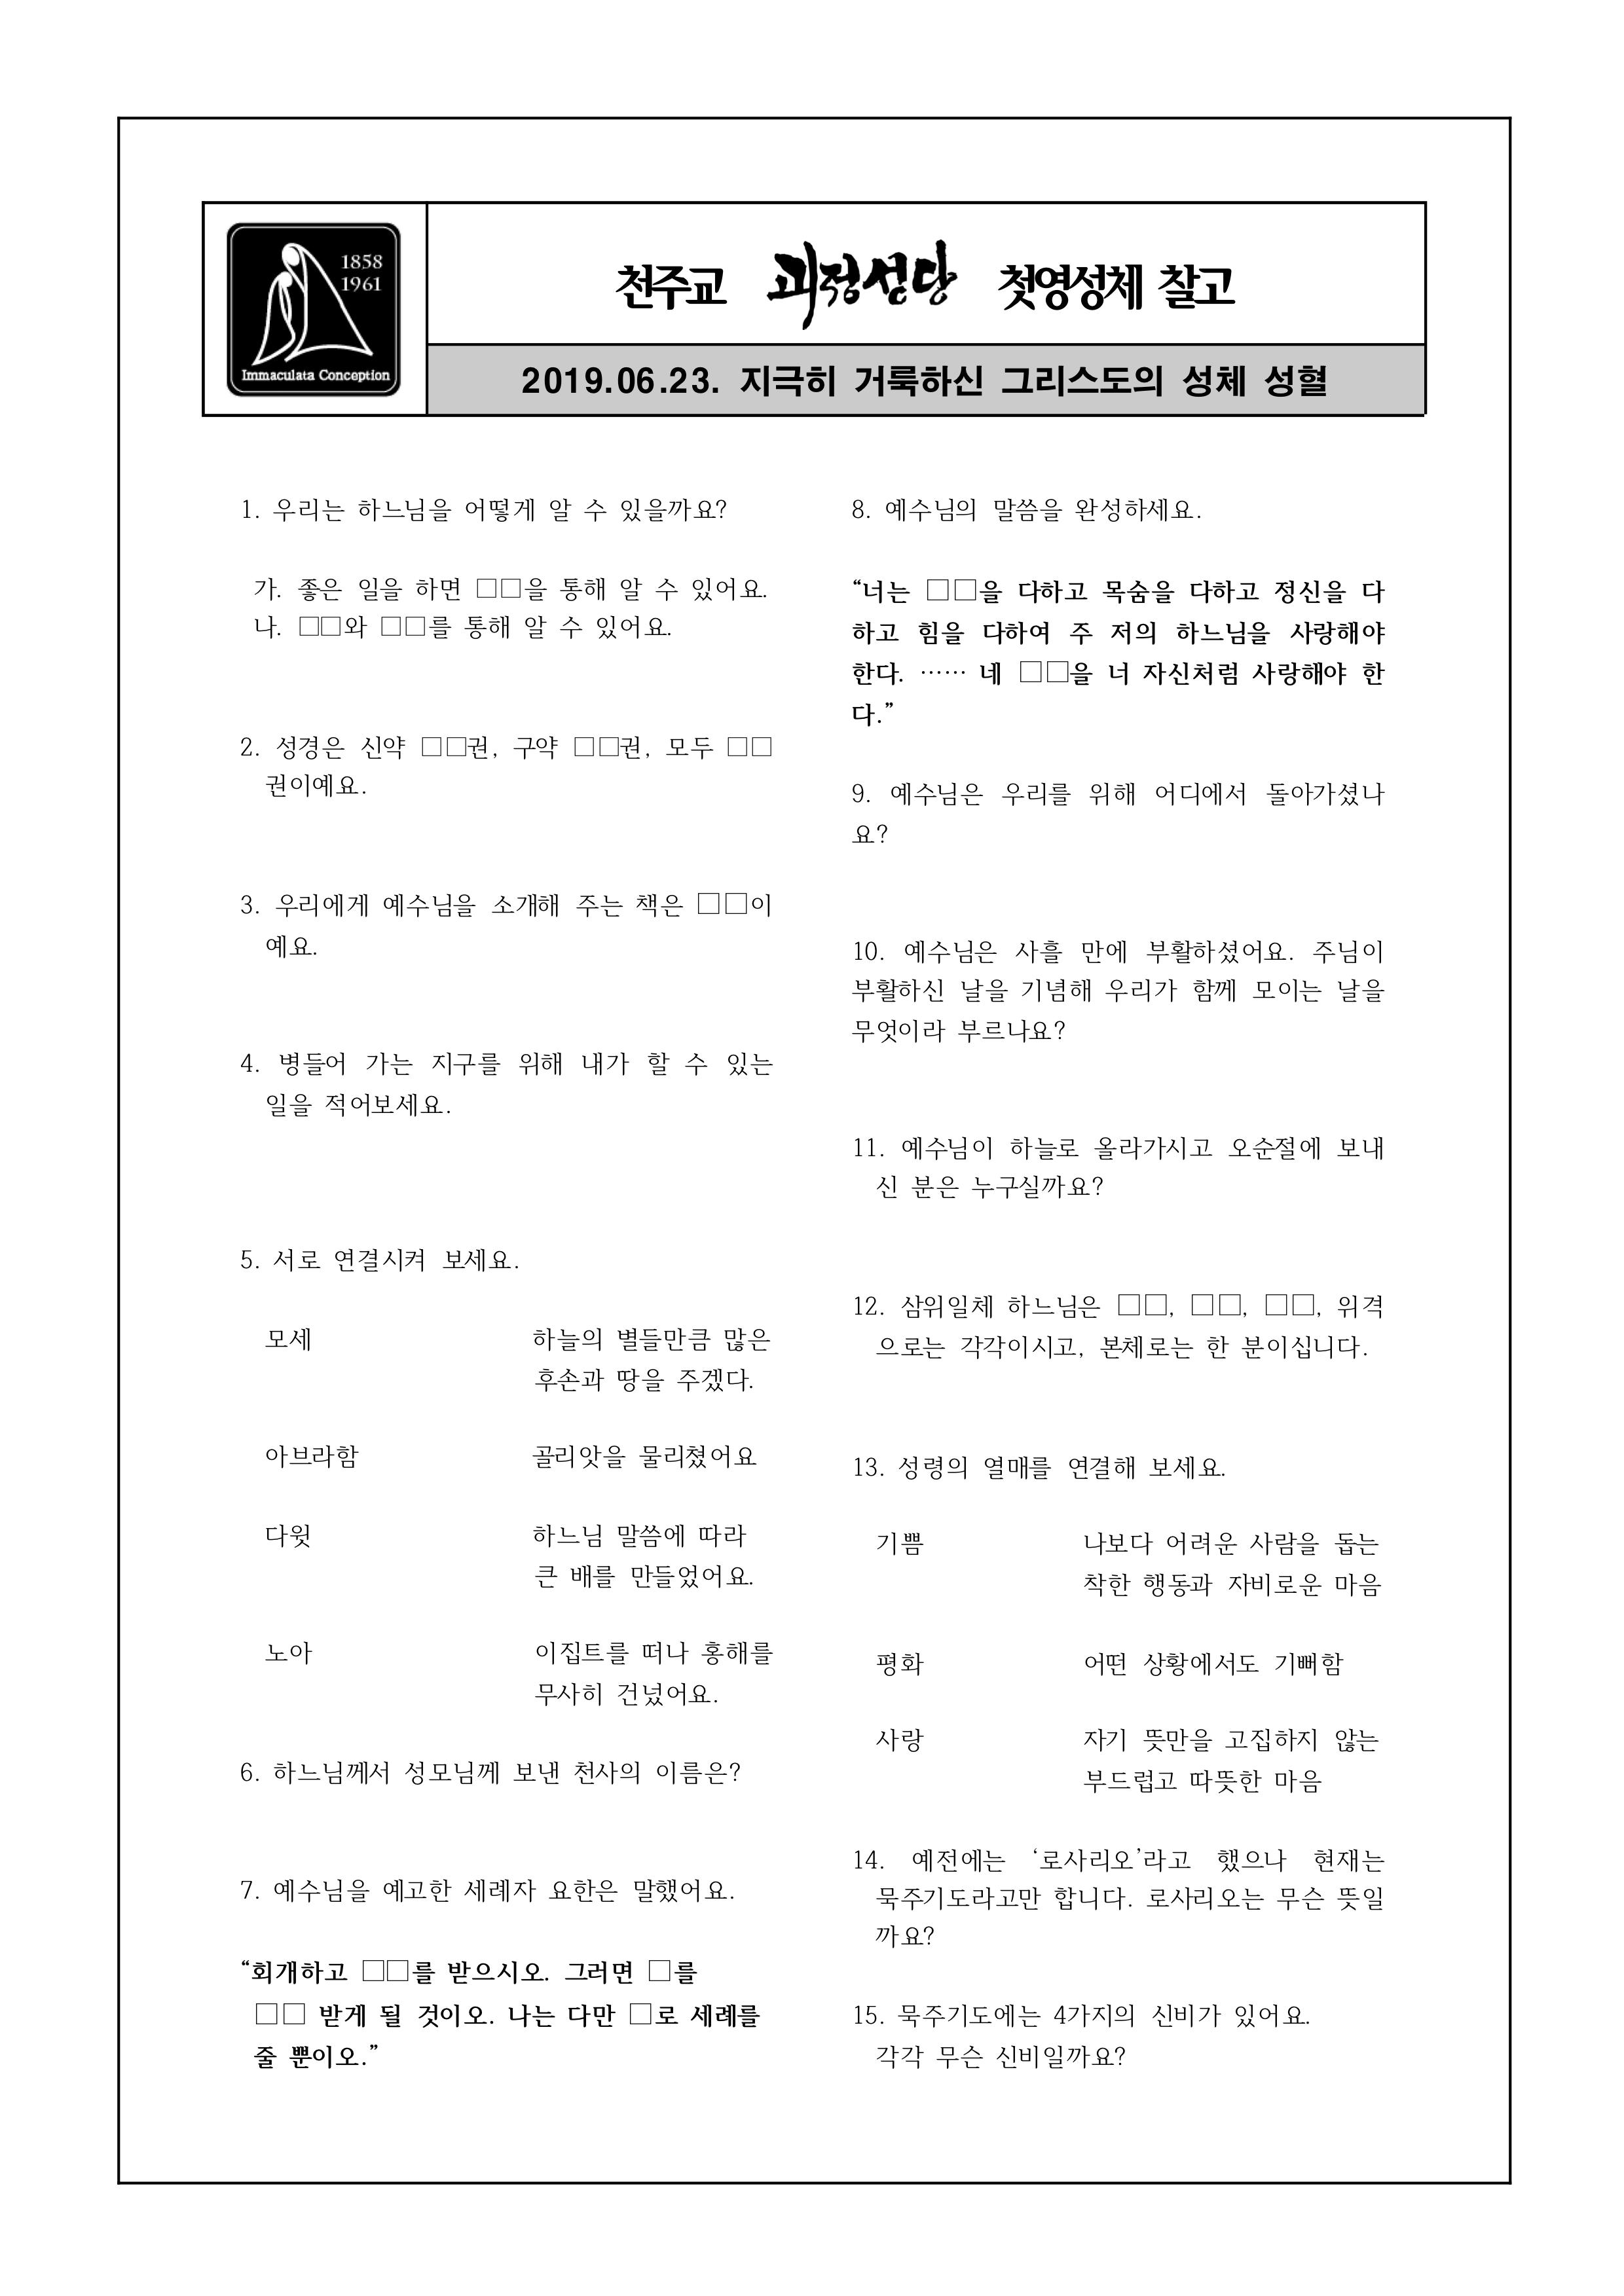 2019 첫영성체 찰고문제지 1.jpg